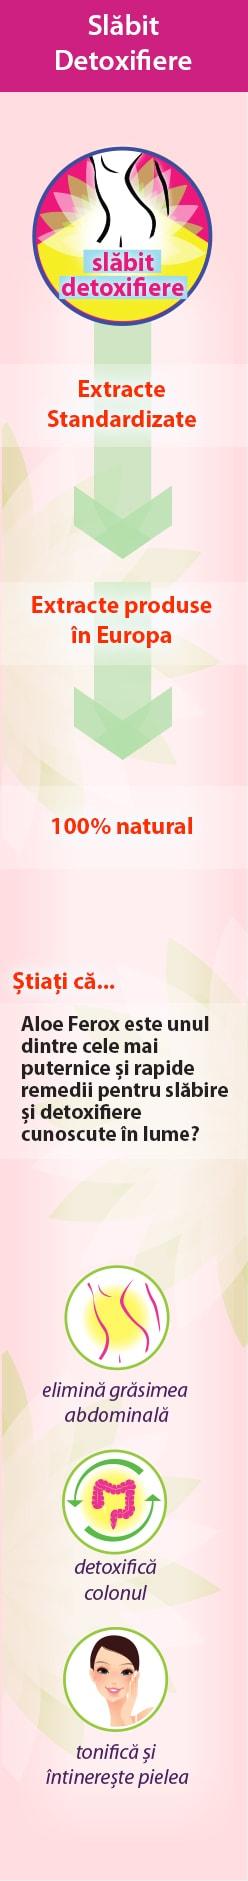 Slabire si detoxifiere cu extracte standardizate 100% naturale